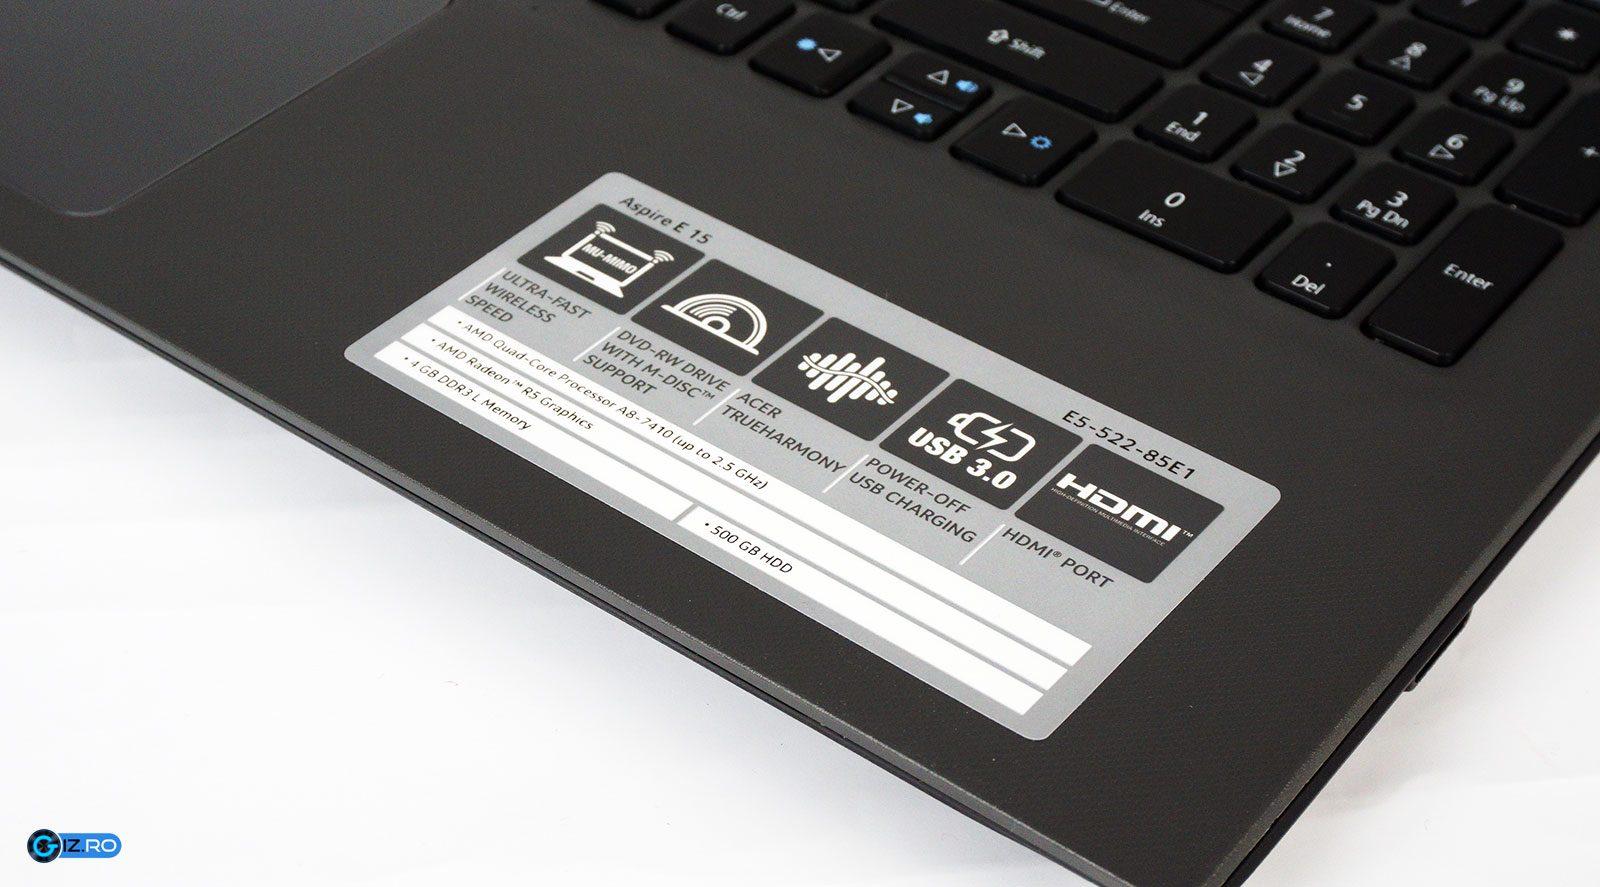 Platforma hardware este principalul aspect care diferenţiază acest laptop de concurenţă